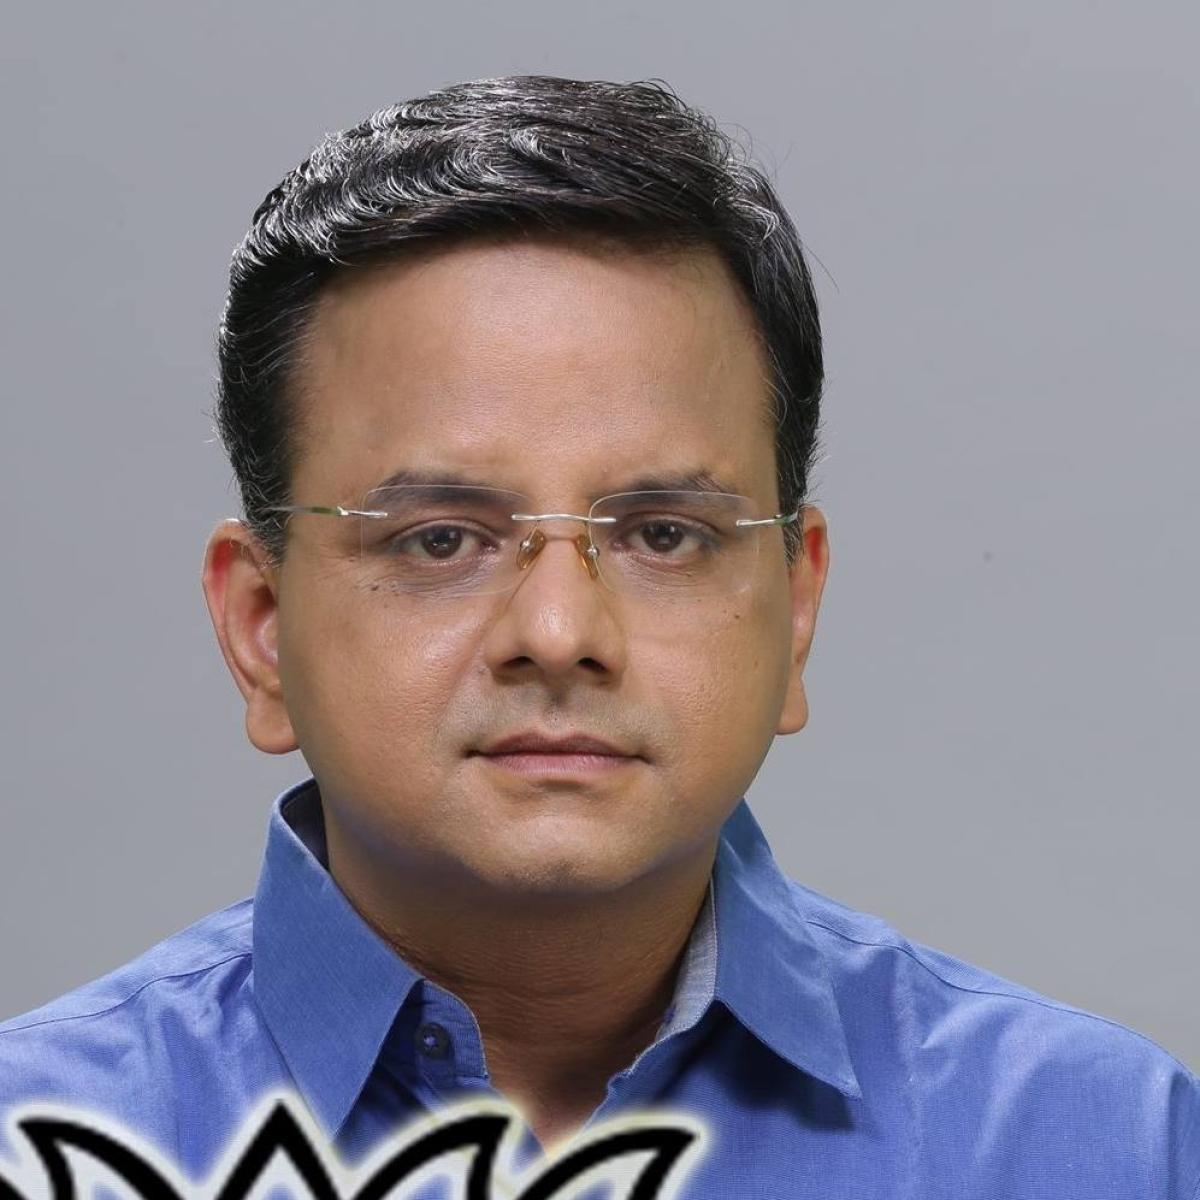 கே டி ராகவன் (பாஜக)